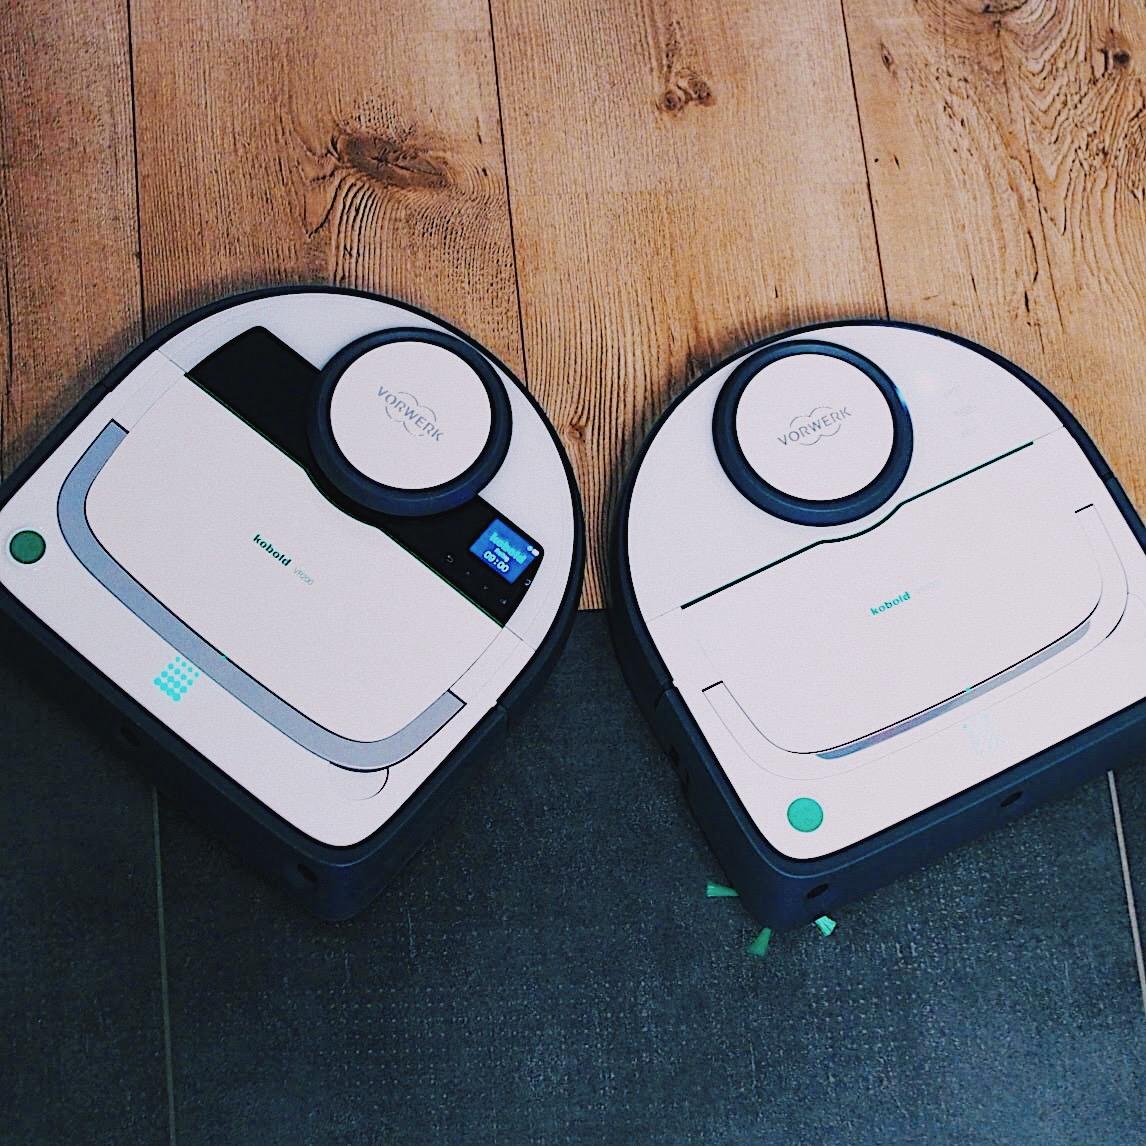 VR 200 und VR300 von Vorwerk in der Gegenüberstellung